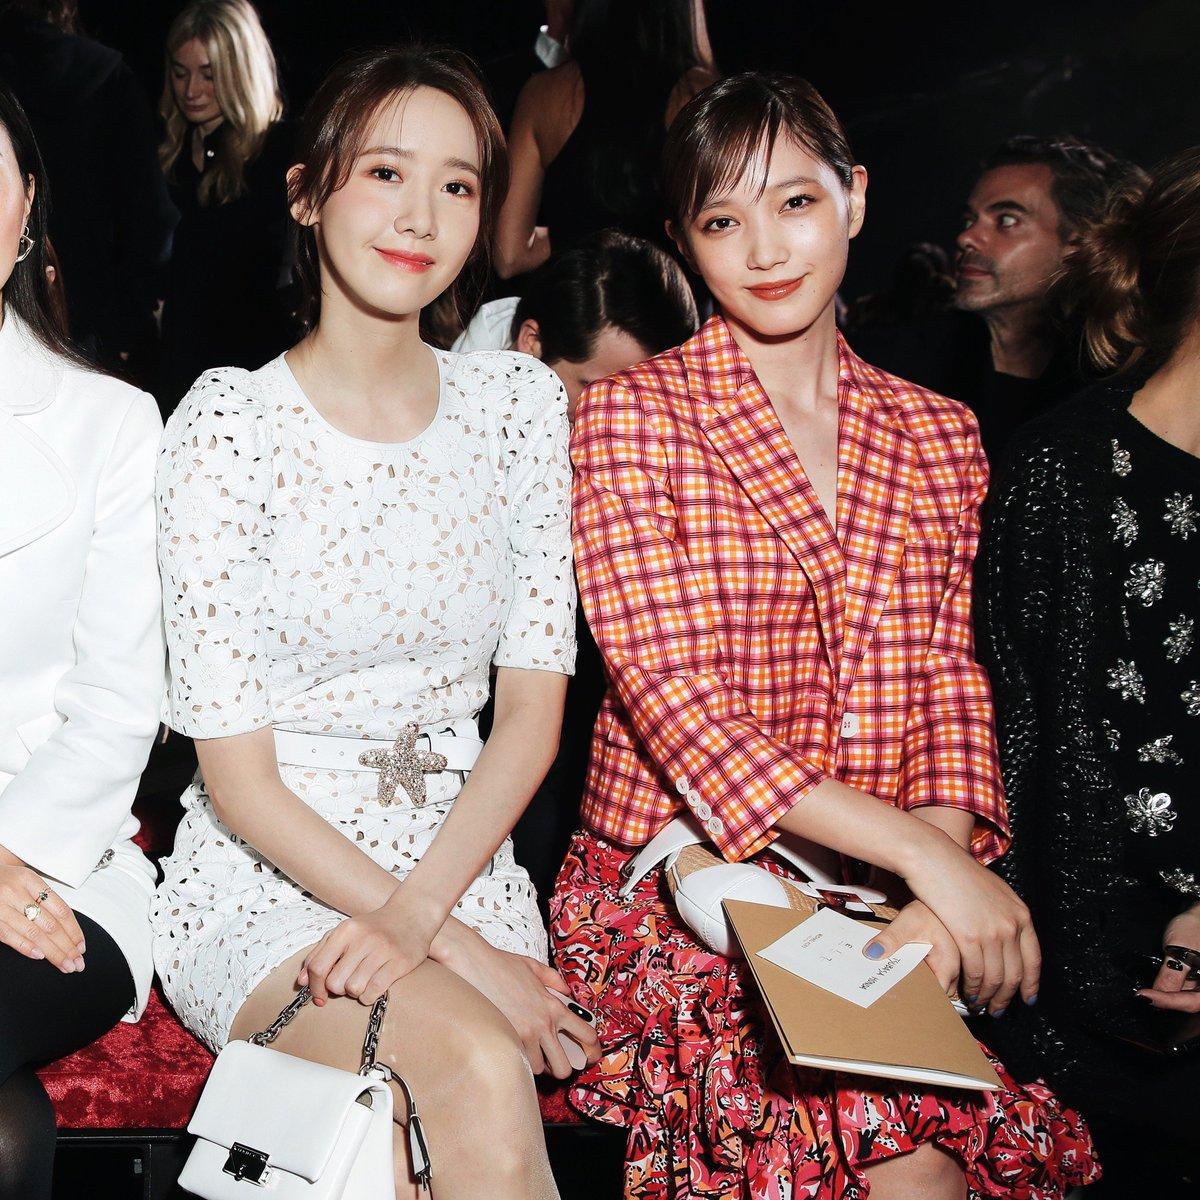 Front-row faces: brand ambassadors YoonA and Tsubasa Honda at the Fall 2019 #MichaelKorsCollection runway show. #AllAccessKors #NYFW #YoonA  #TsubasaHonda